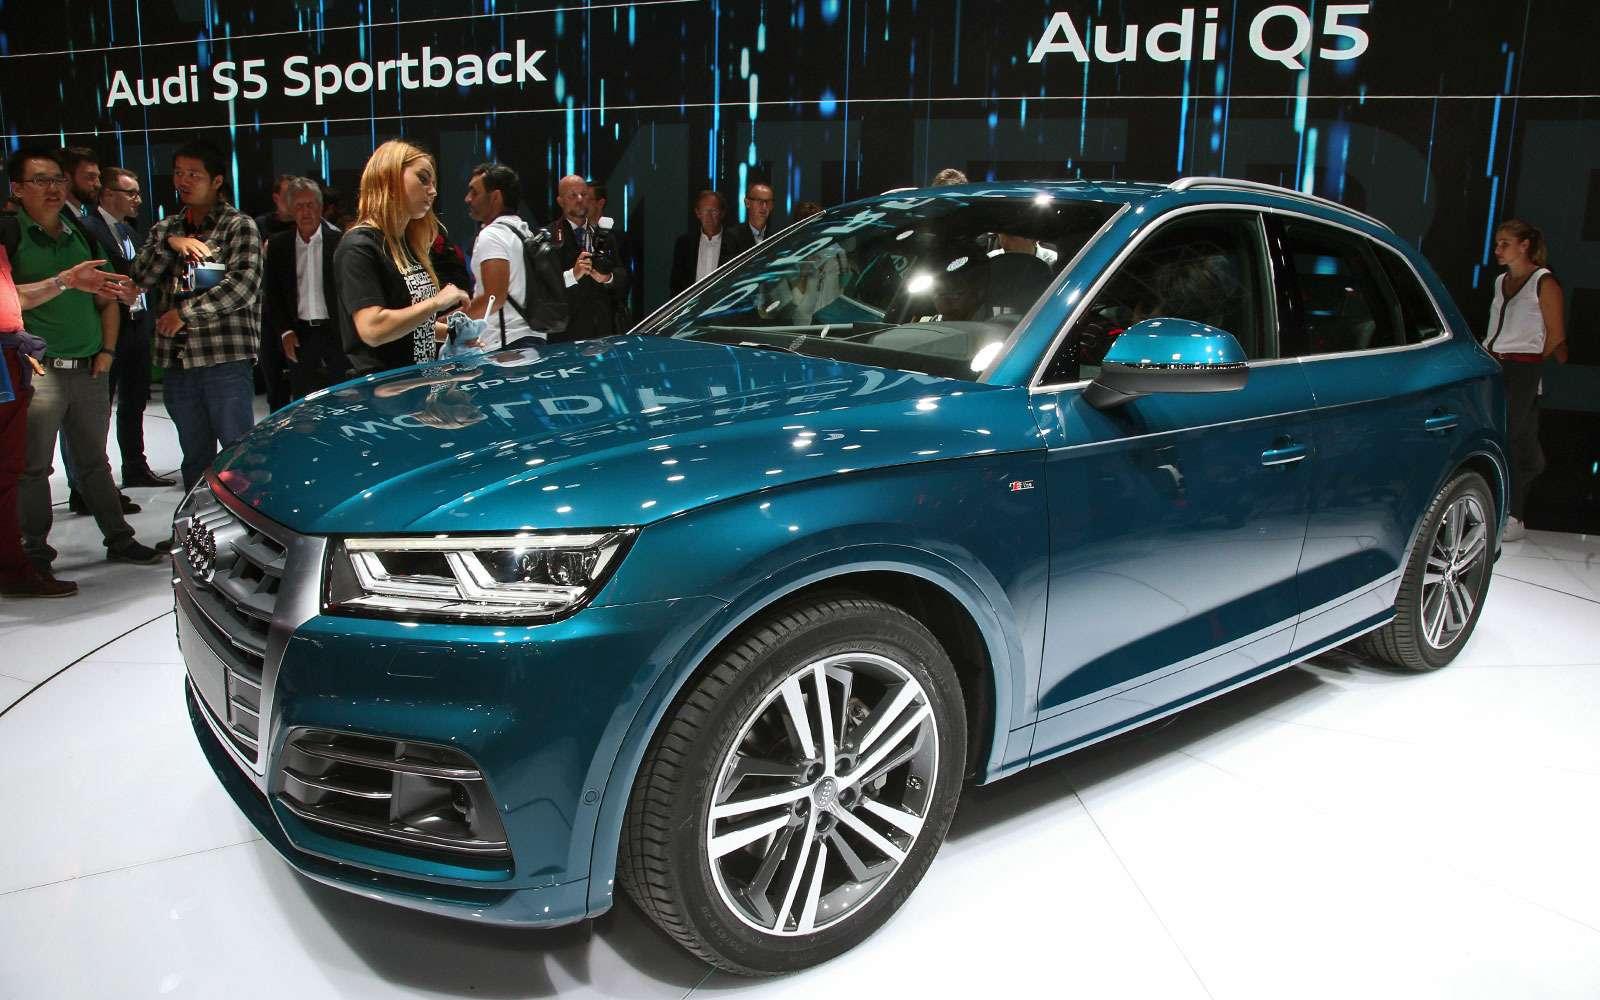 Младший брат: новый Audi Q5начал принимать комплименты— фото 641856